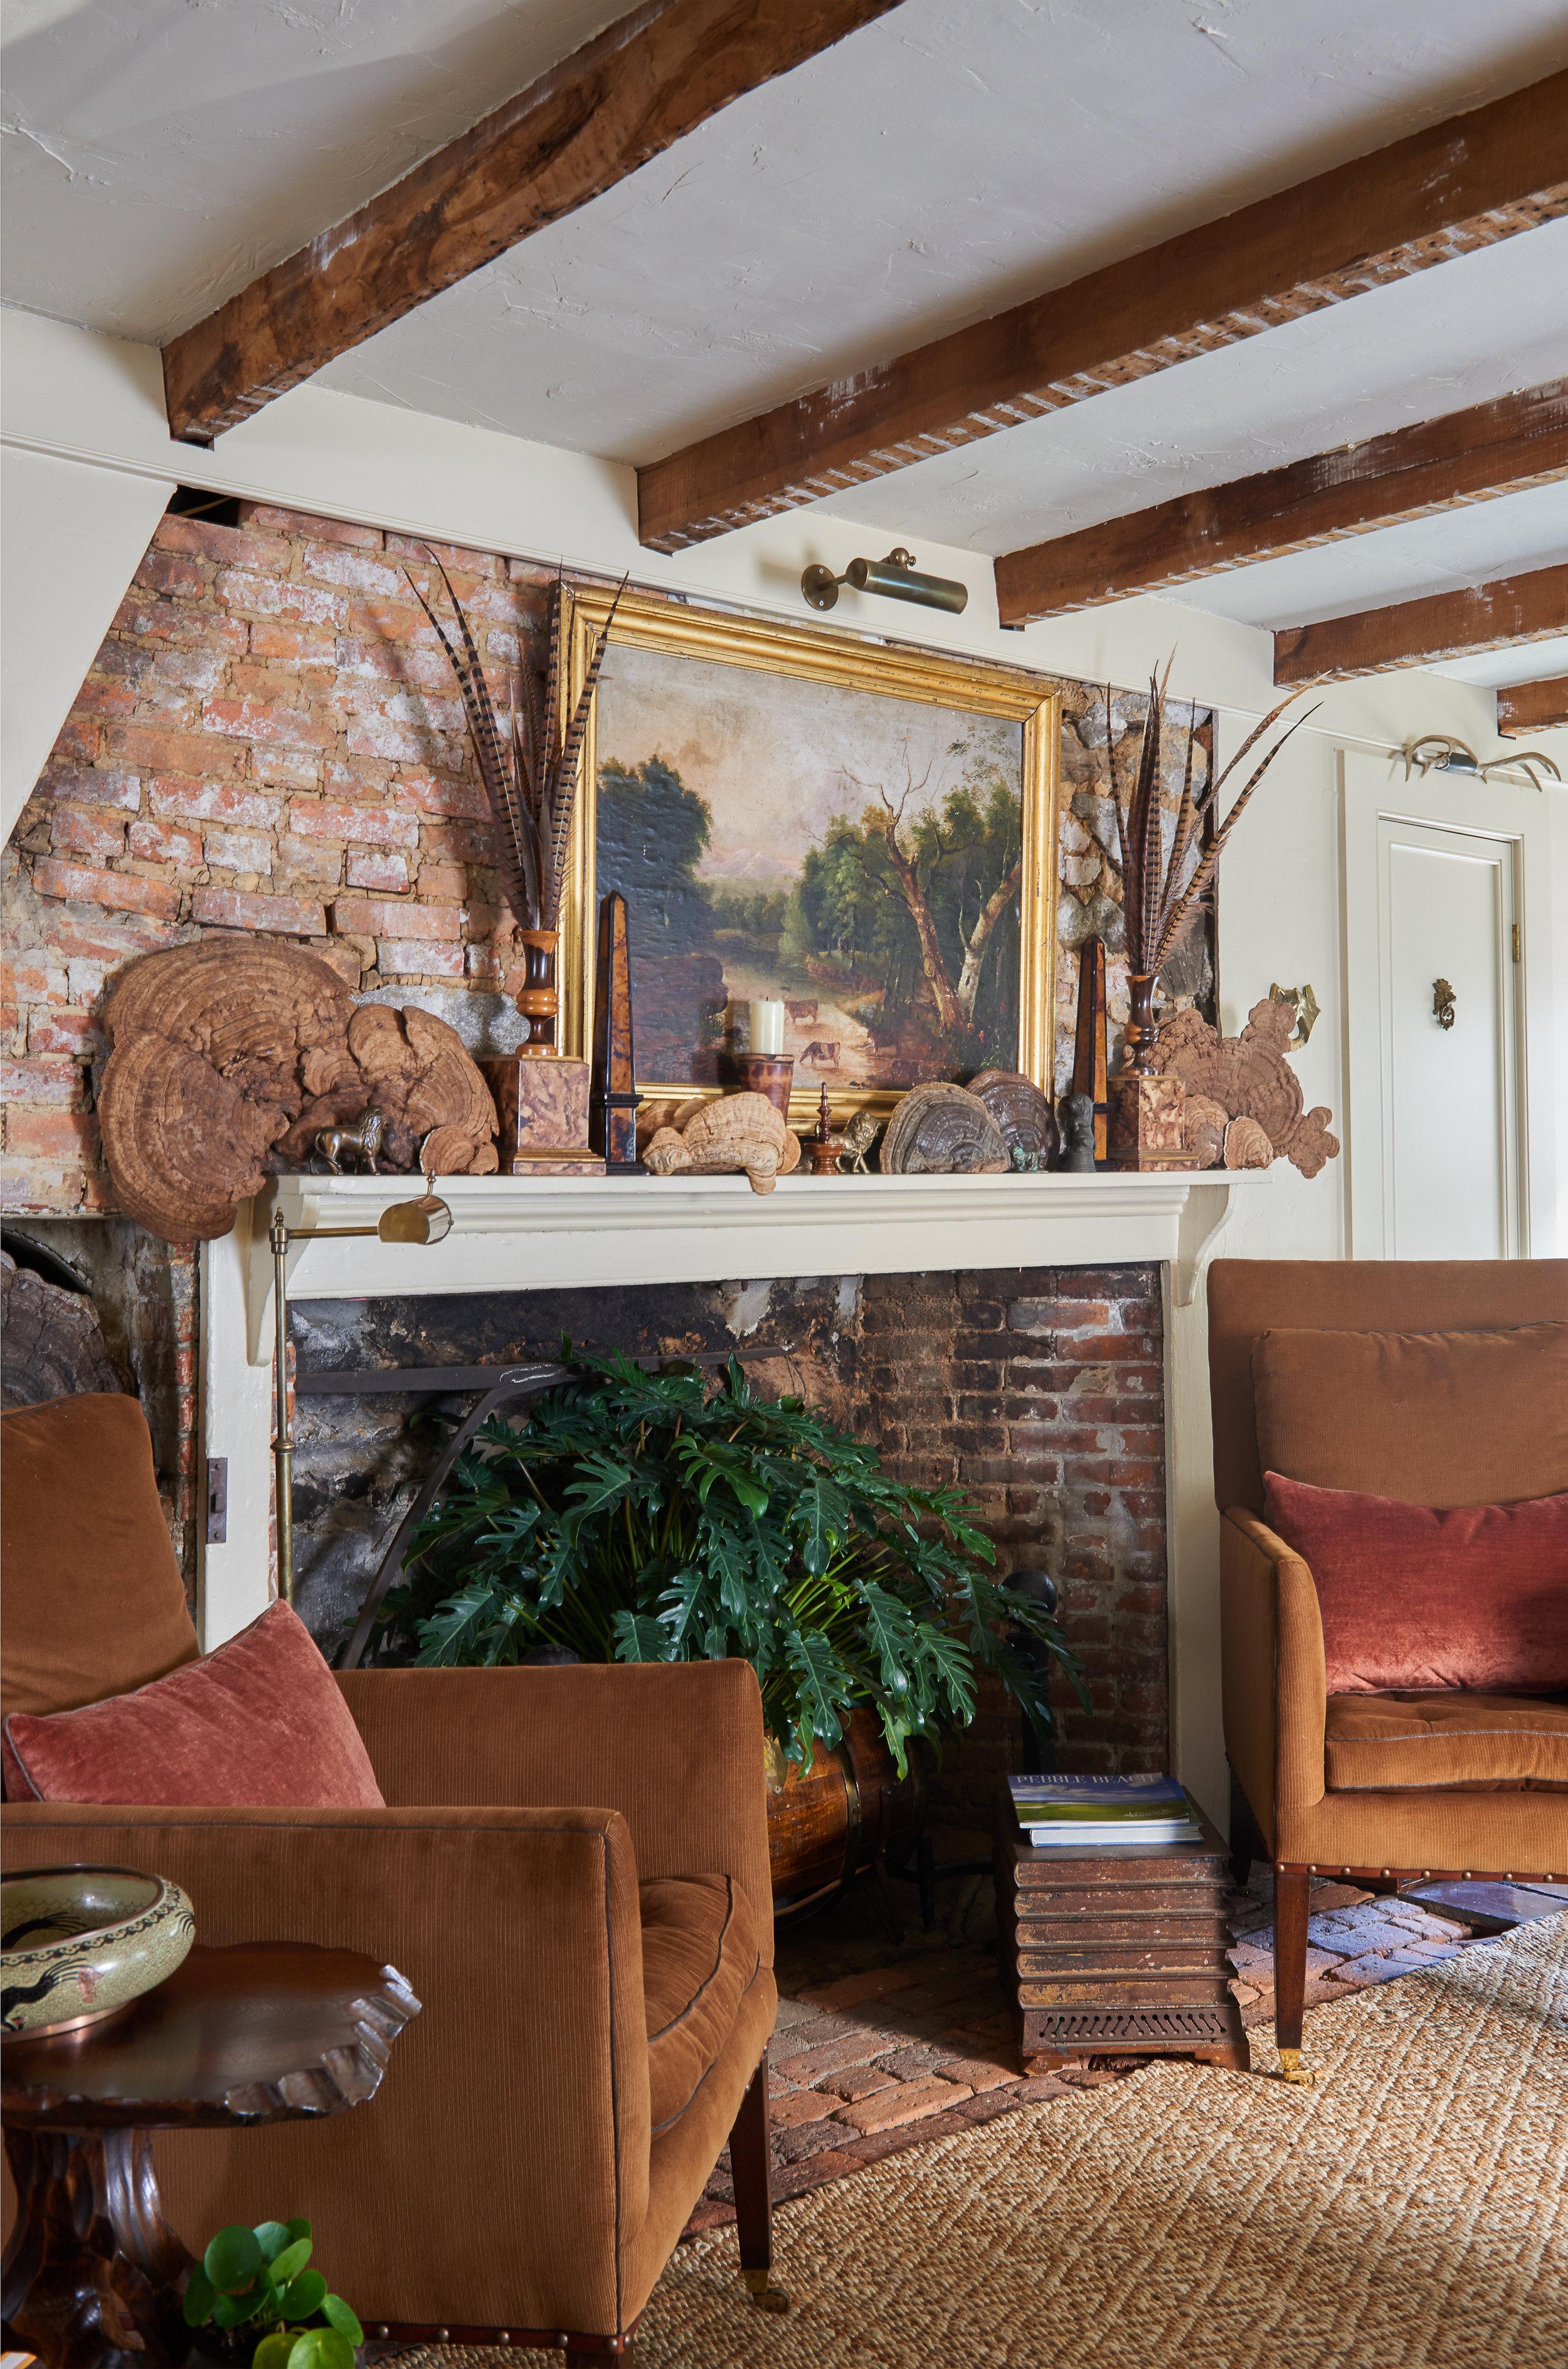 Hilderbrand-Interiors-Silvermine-Antique-©Jane Beiles-1802281005.jpg